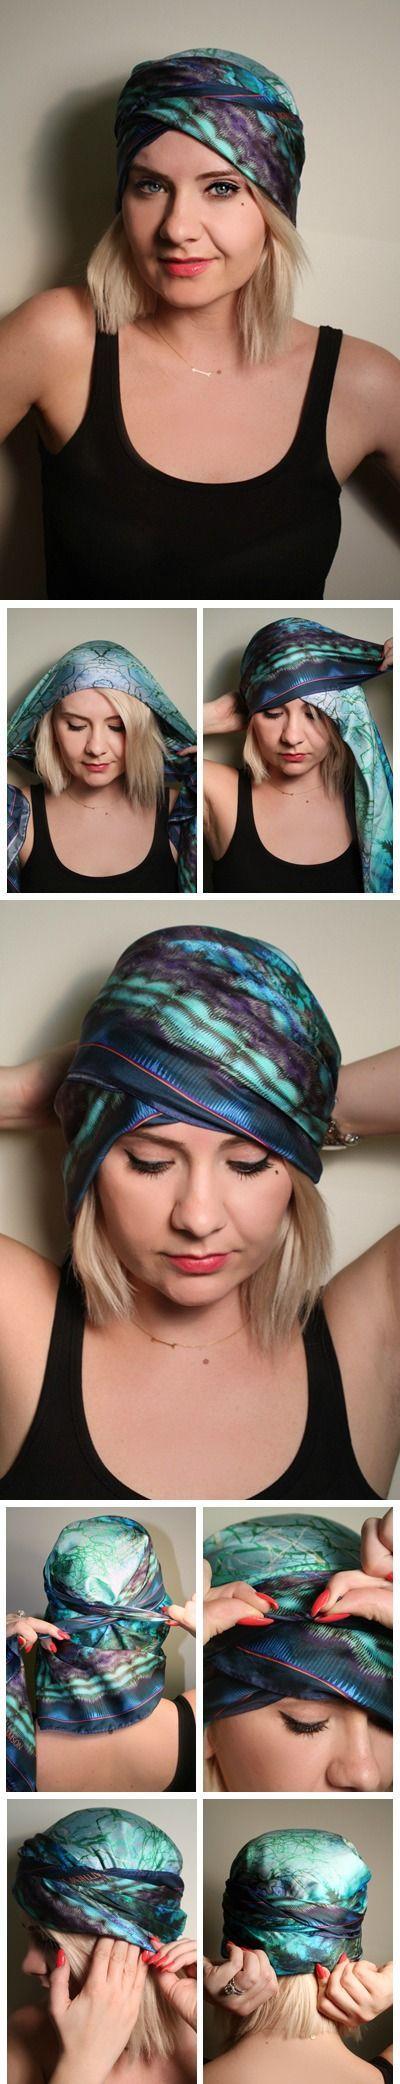 Beach Headscarf Style